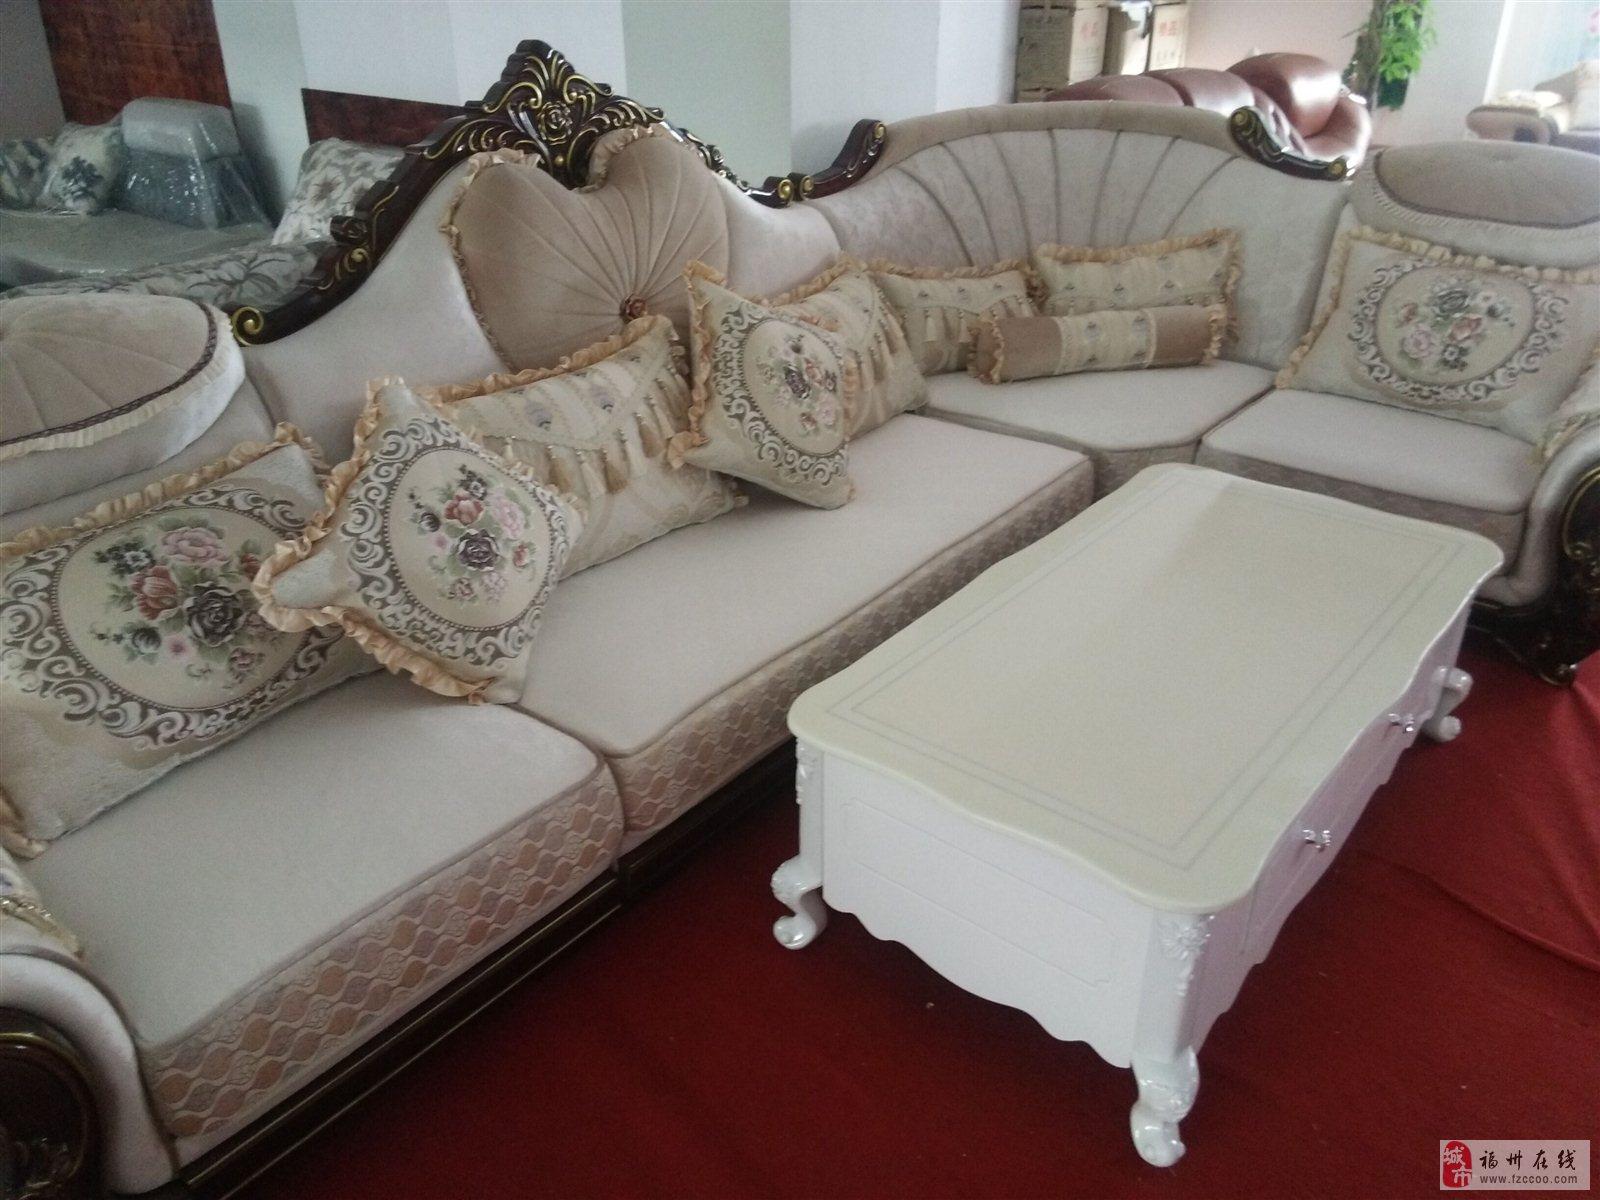 全新欧式布艺沙发16年最新款,沙发总长度3.6米贵妃2.米不分方向.